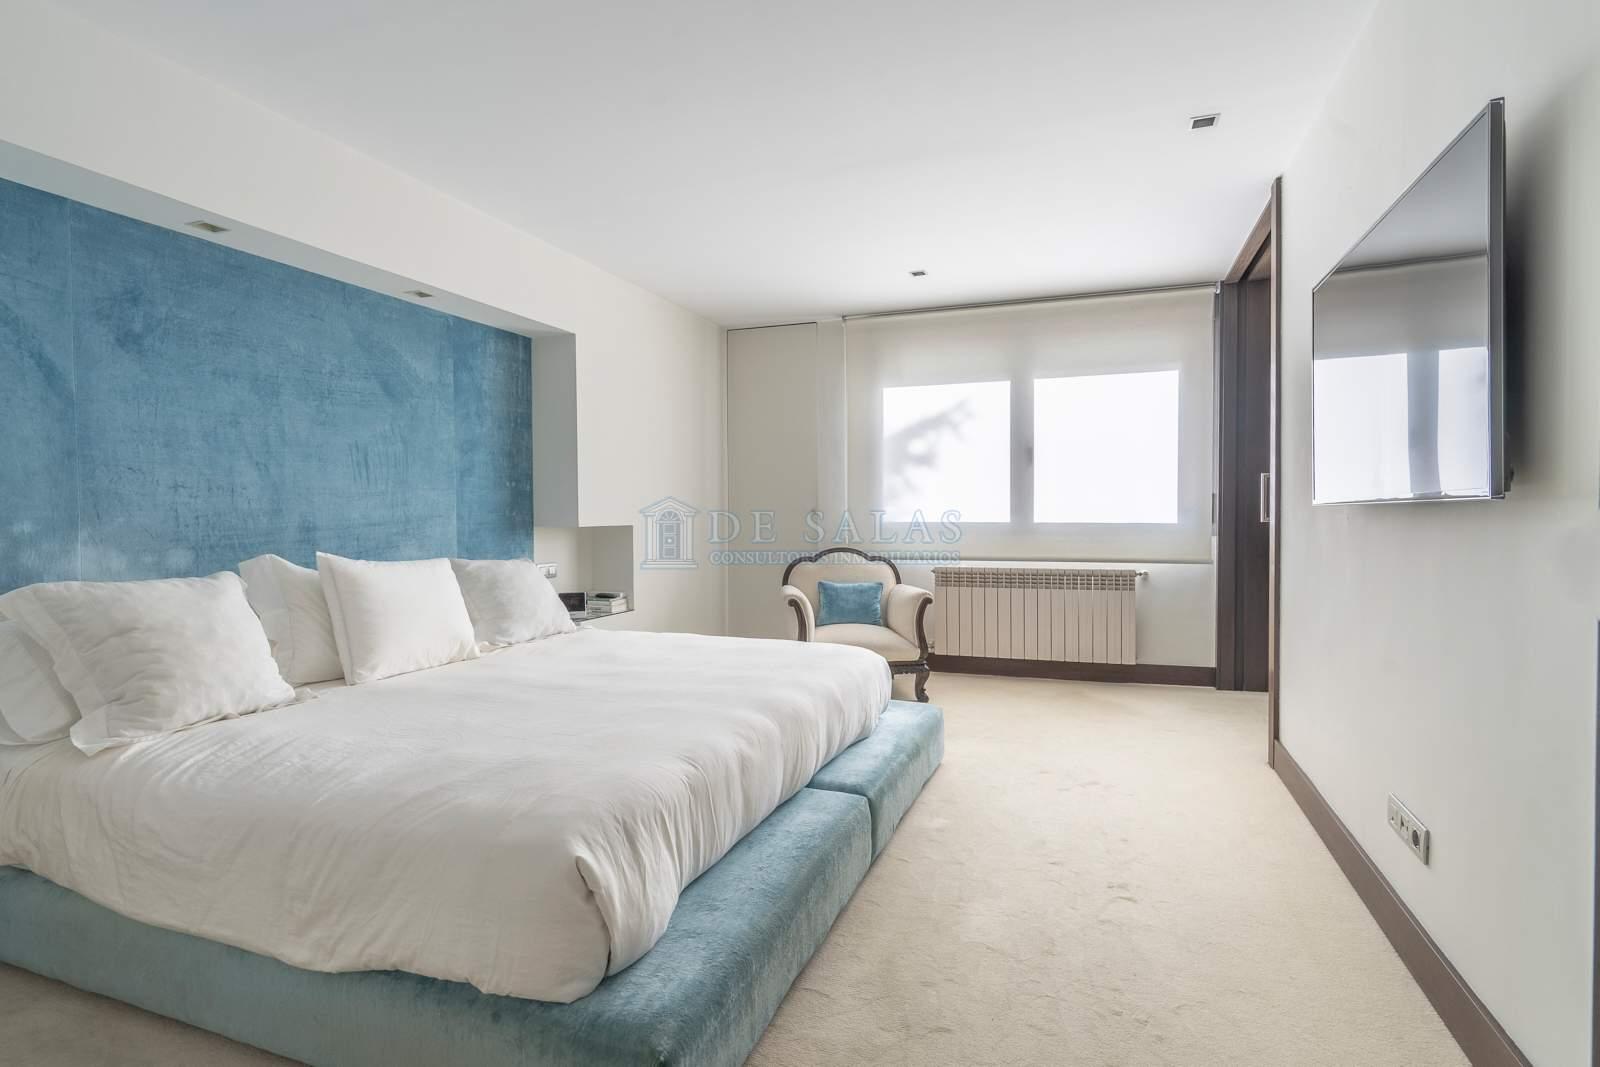 Dormitorio-10 House Soto de la Moraleja